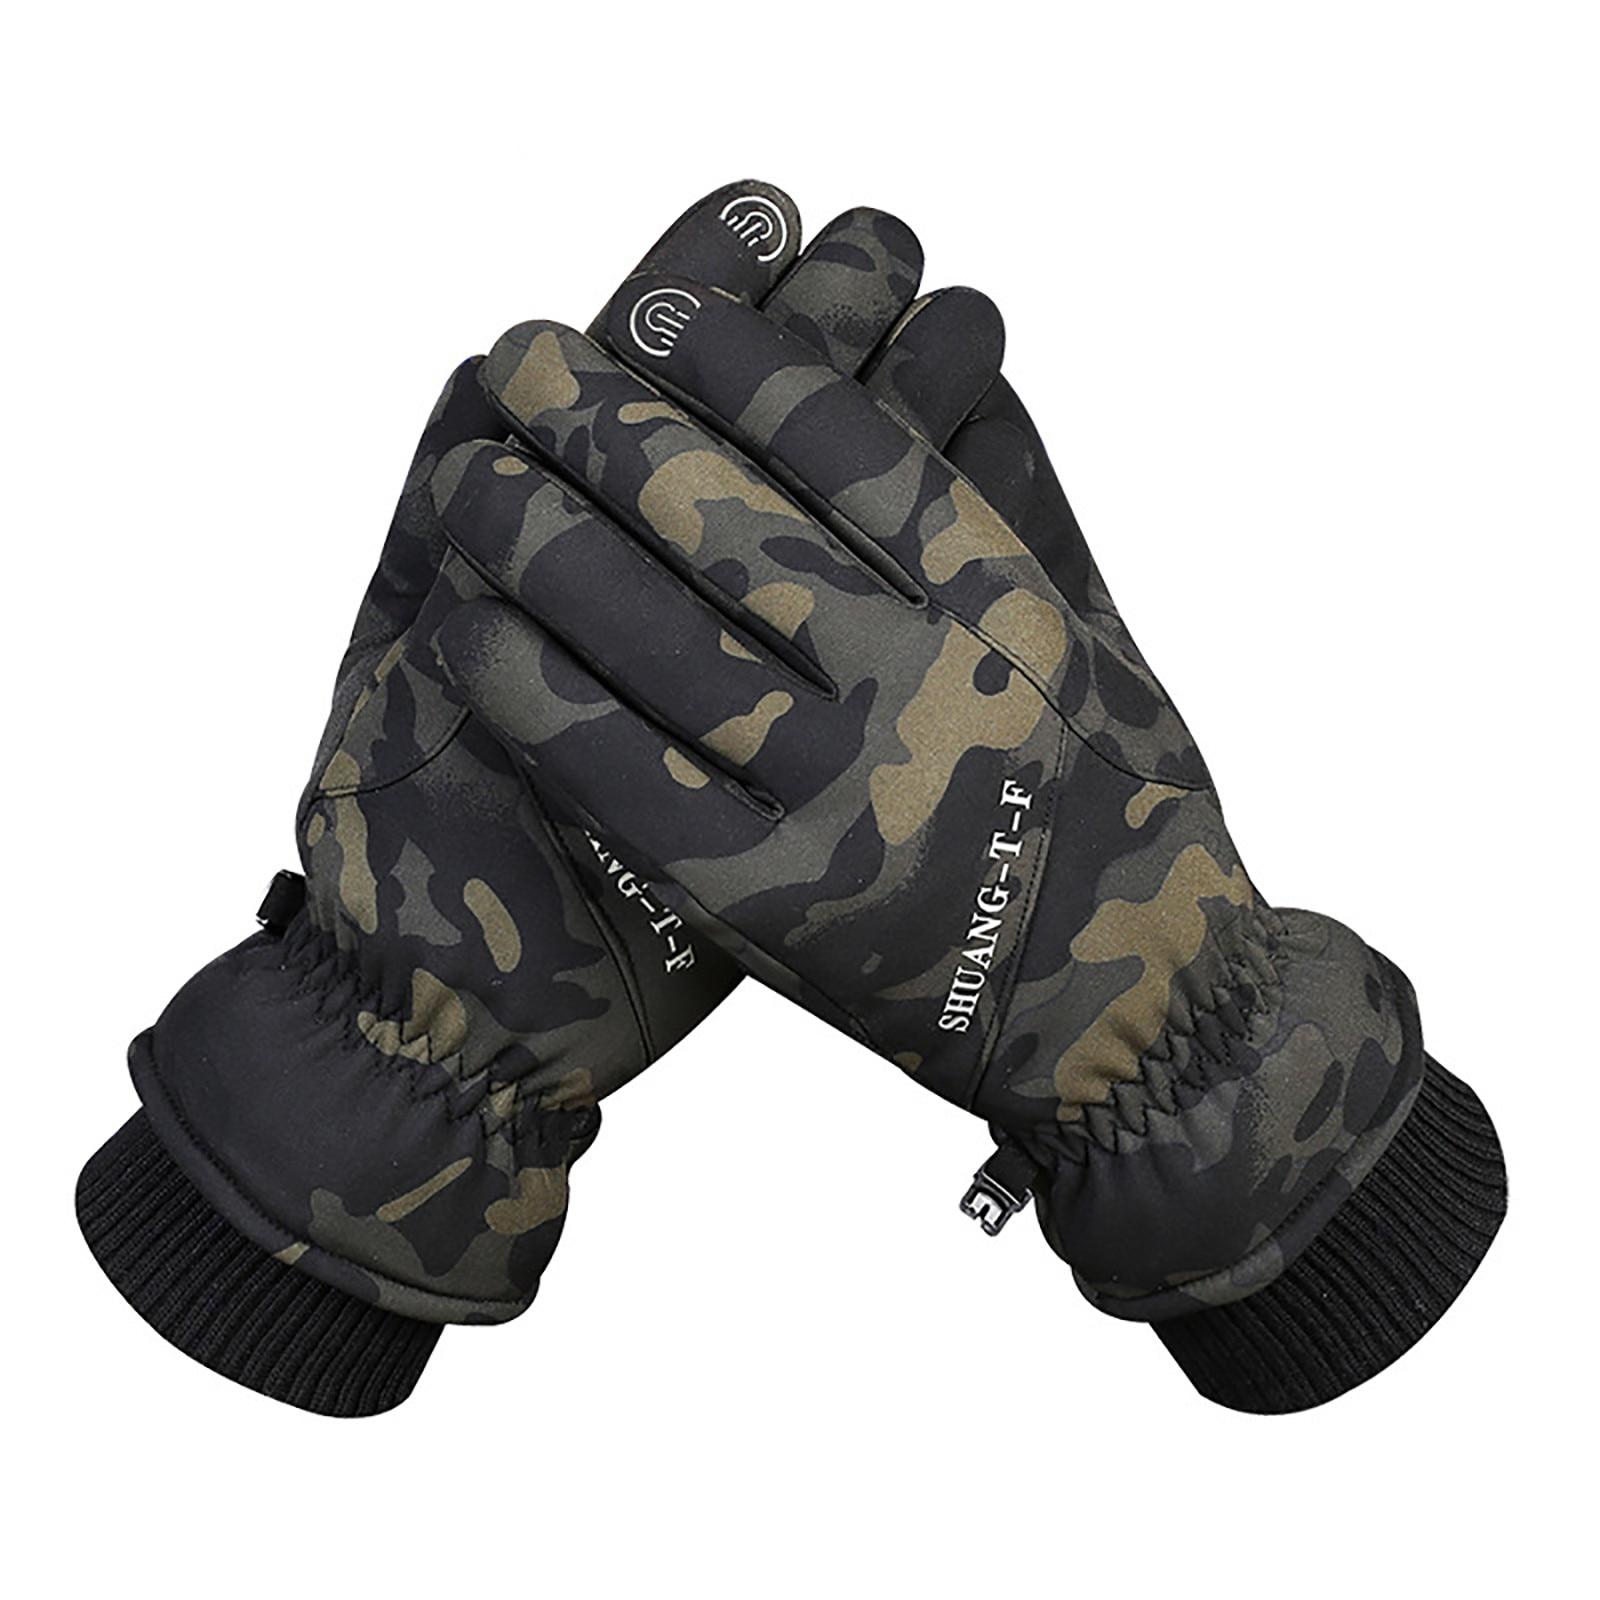 Мужские и женские водонепроницаемые перчатки для сенсорных экранов на весну и зиму, бархатные теплые ветрозащитные модные уличные Несколь...